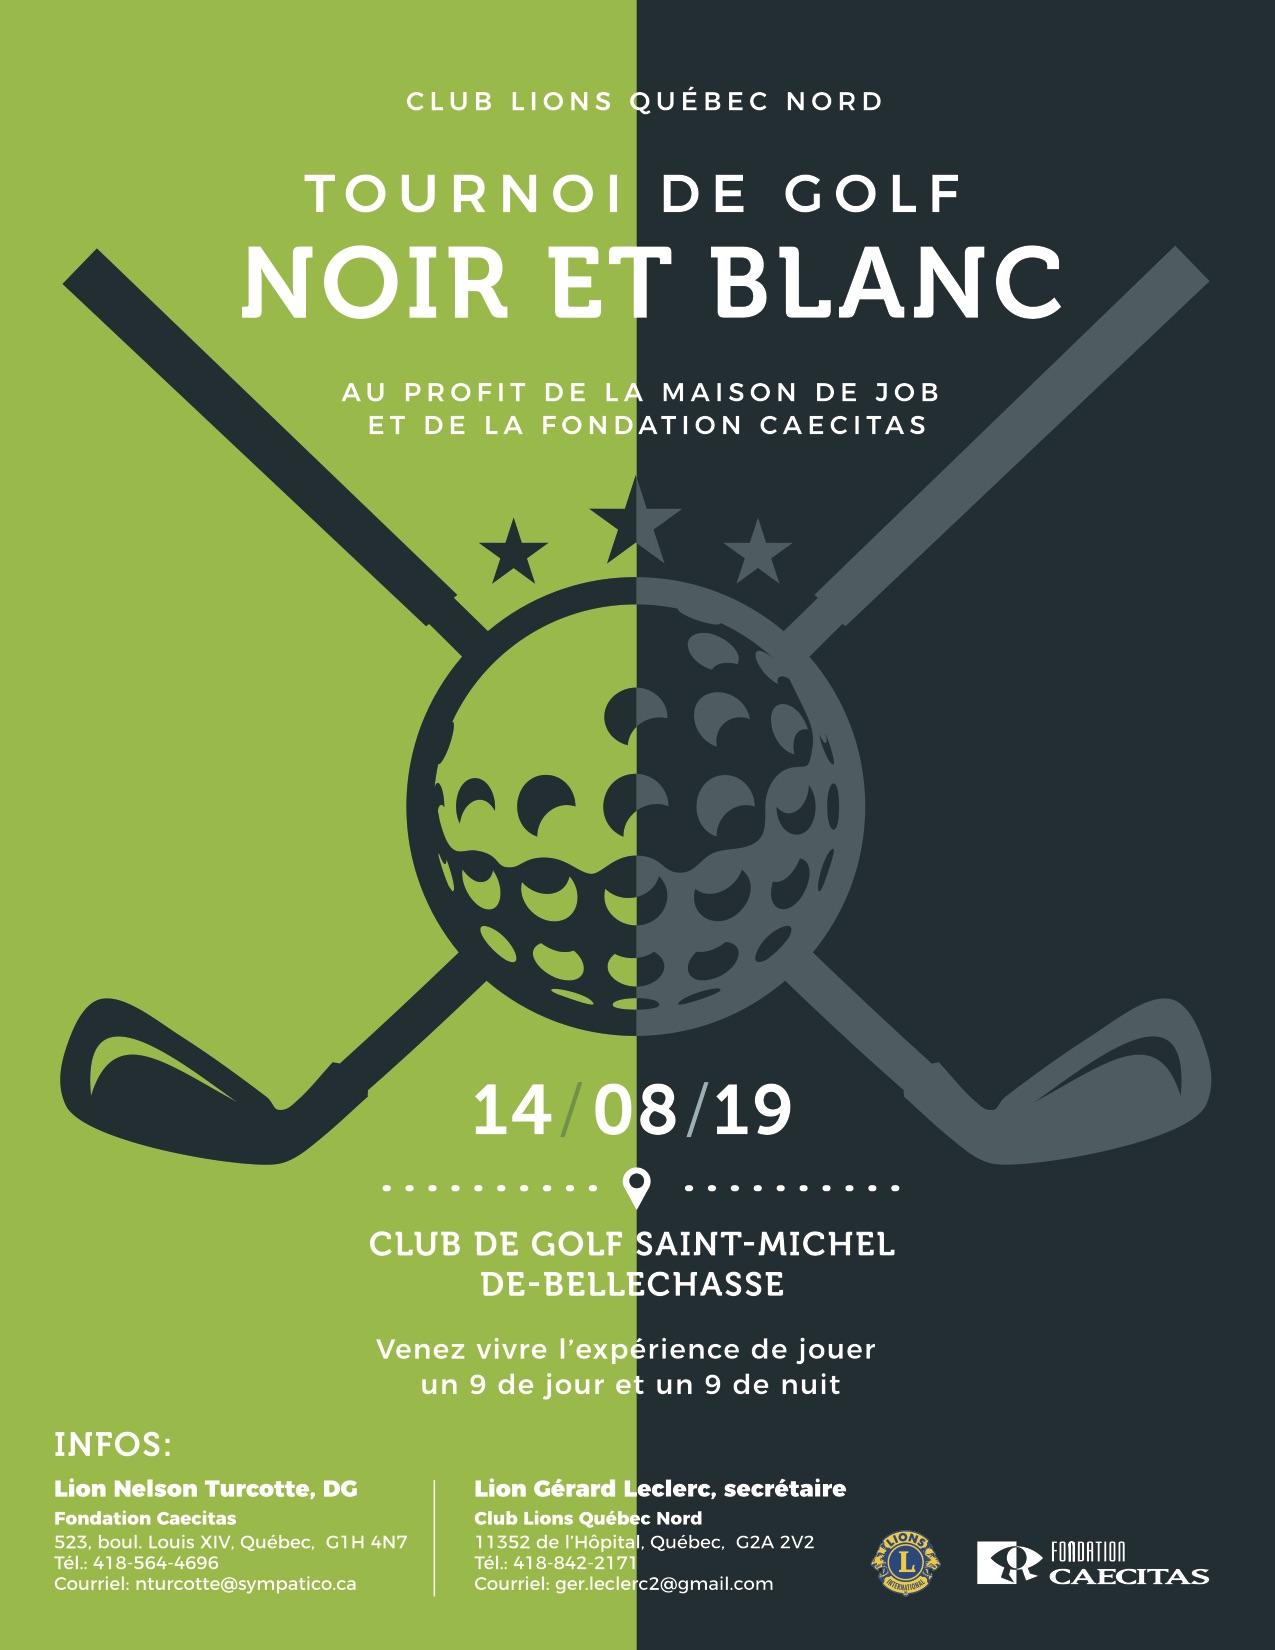 Tournoi de Golf Noir et Blanc